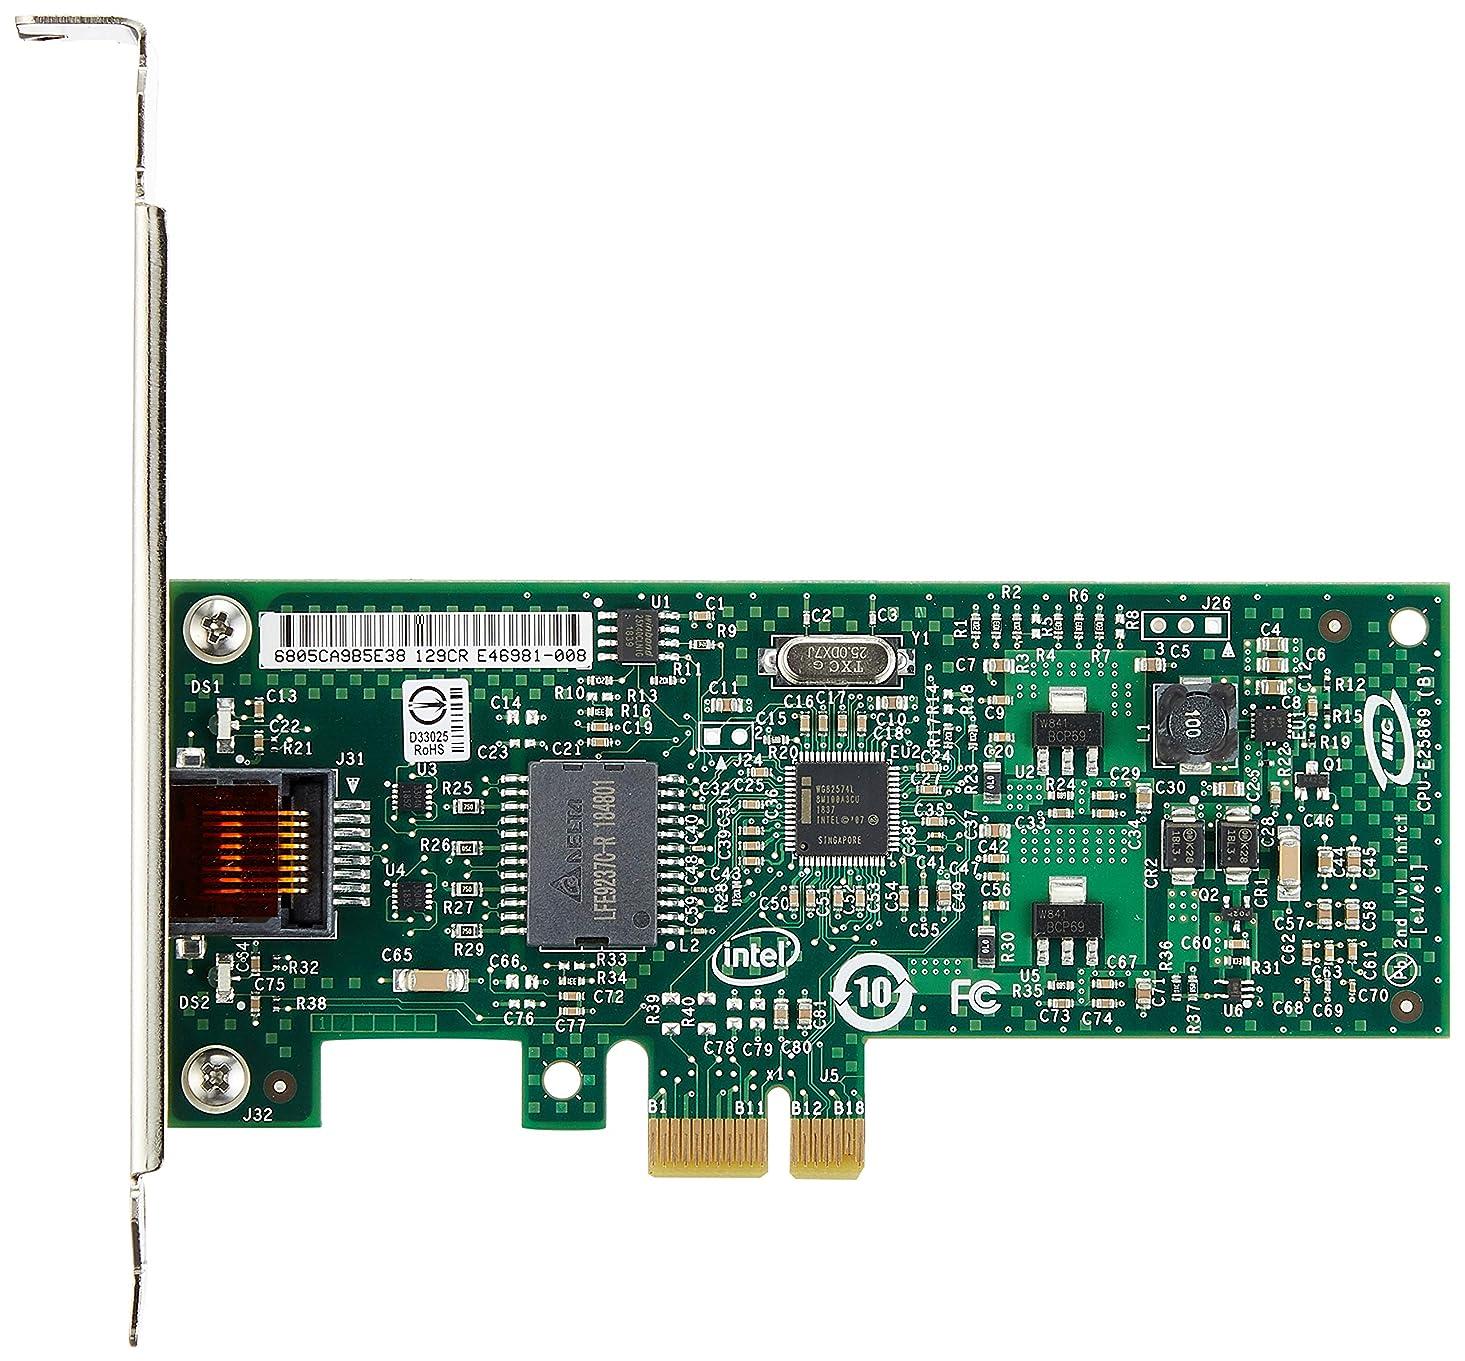 保証説明的膨張するBaosity PCI-エクスプレス PCI-E→PCIライザーカード アダプタ 4ピン 電源接続 互換性 PC用 コンバータ